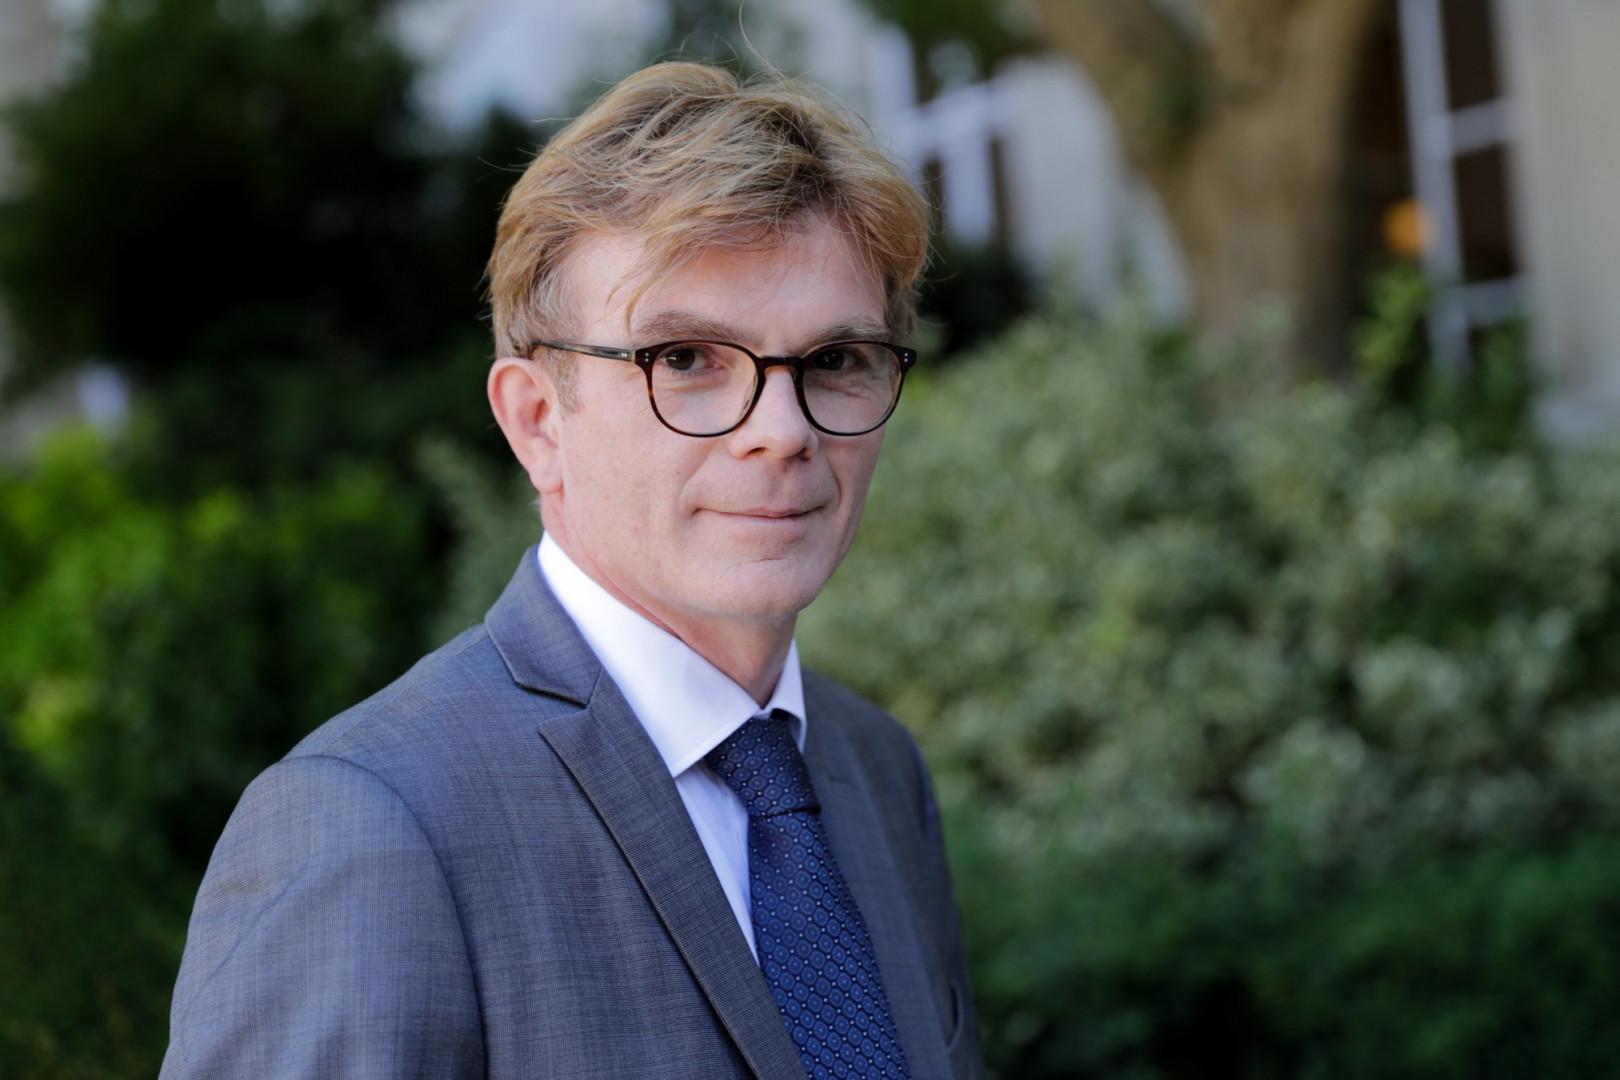 Marc Fesneau, ministre délégué aux Relations avec le Parlement, est l'un des quatre ministres tête de liste. Il brigue la présidence de la région Centre-Val-de-Loire.